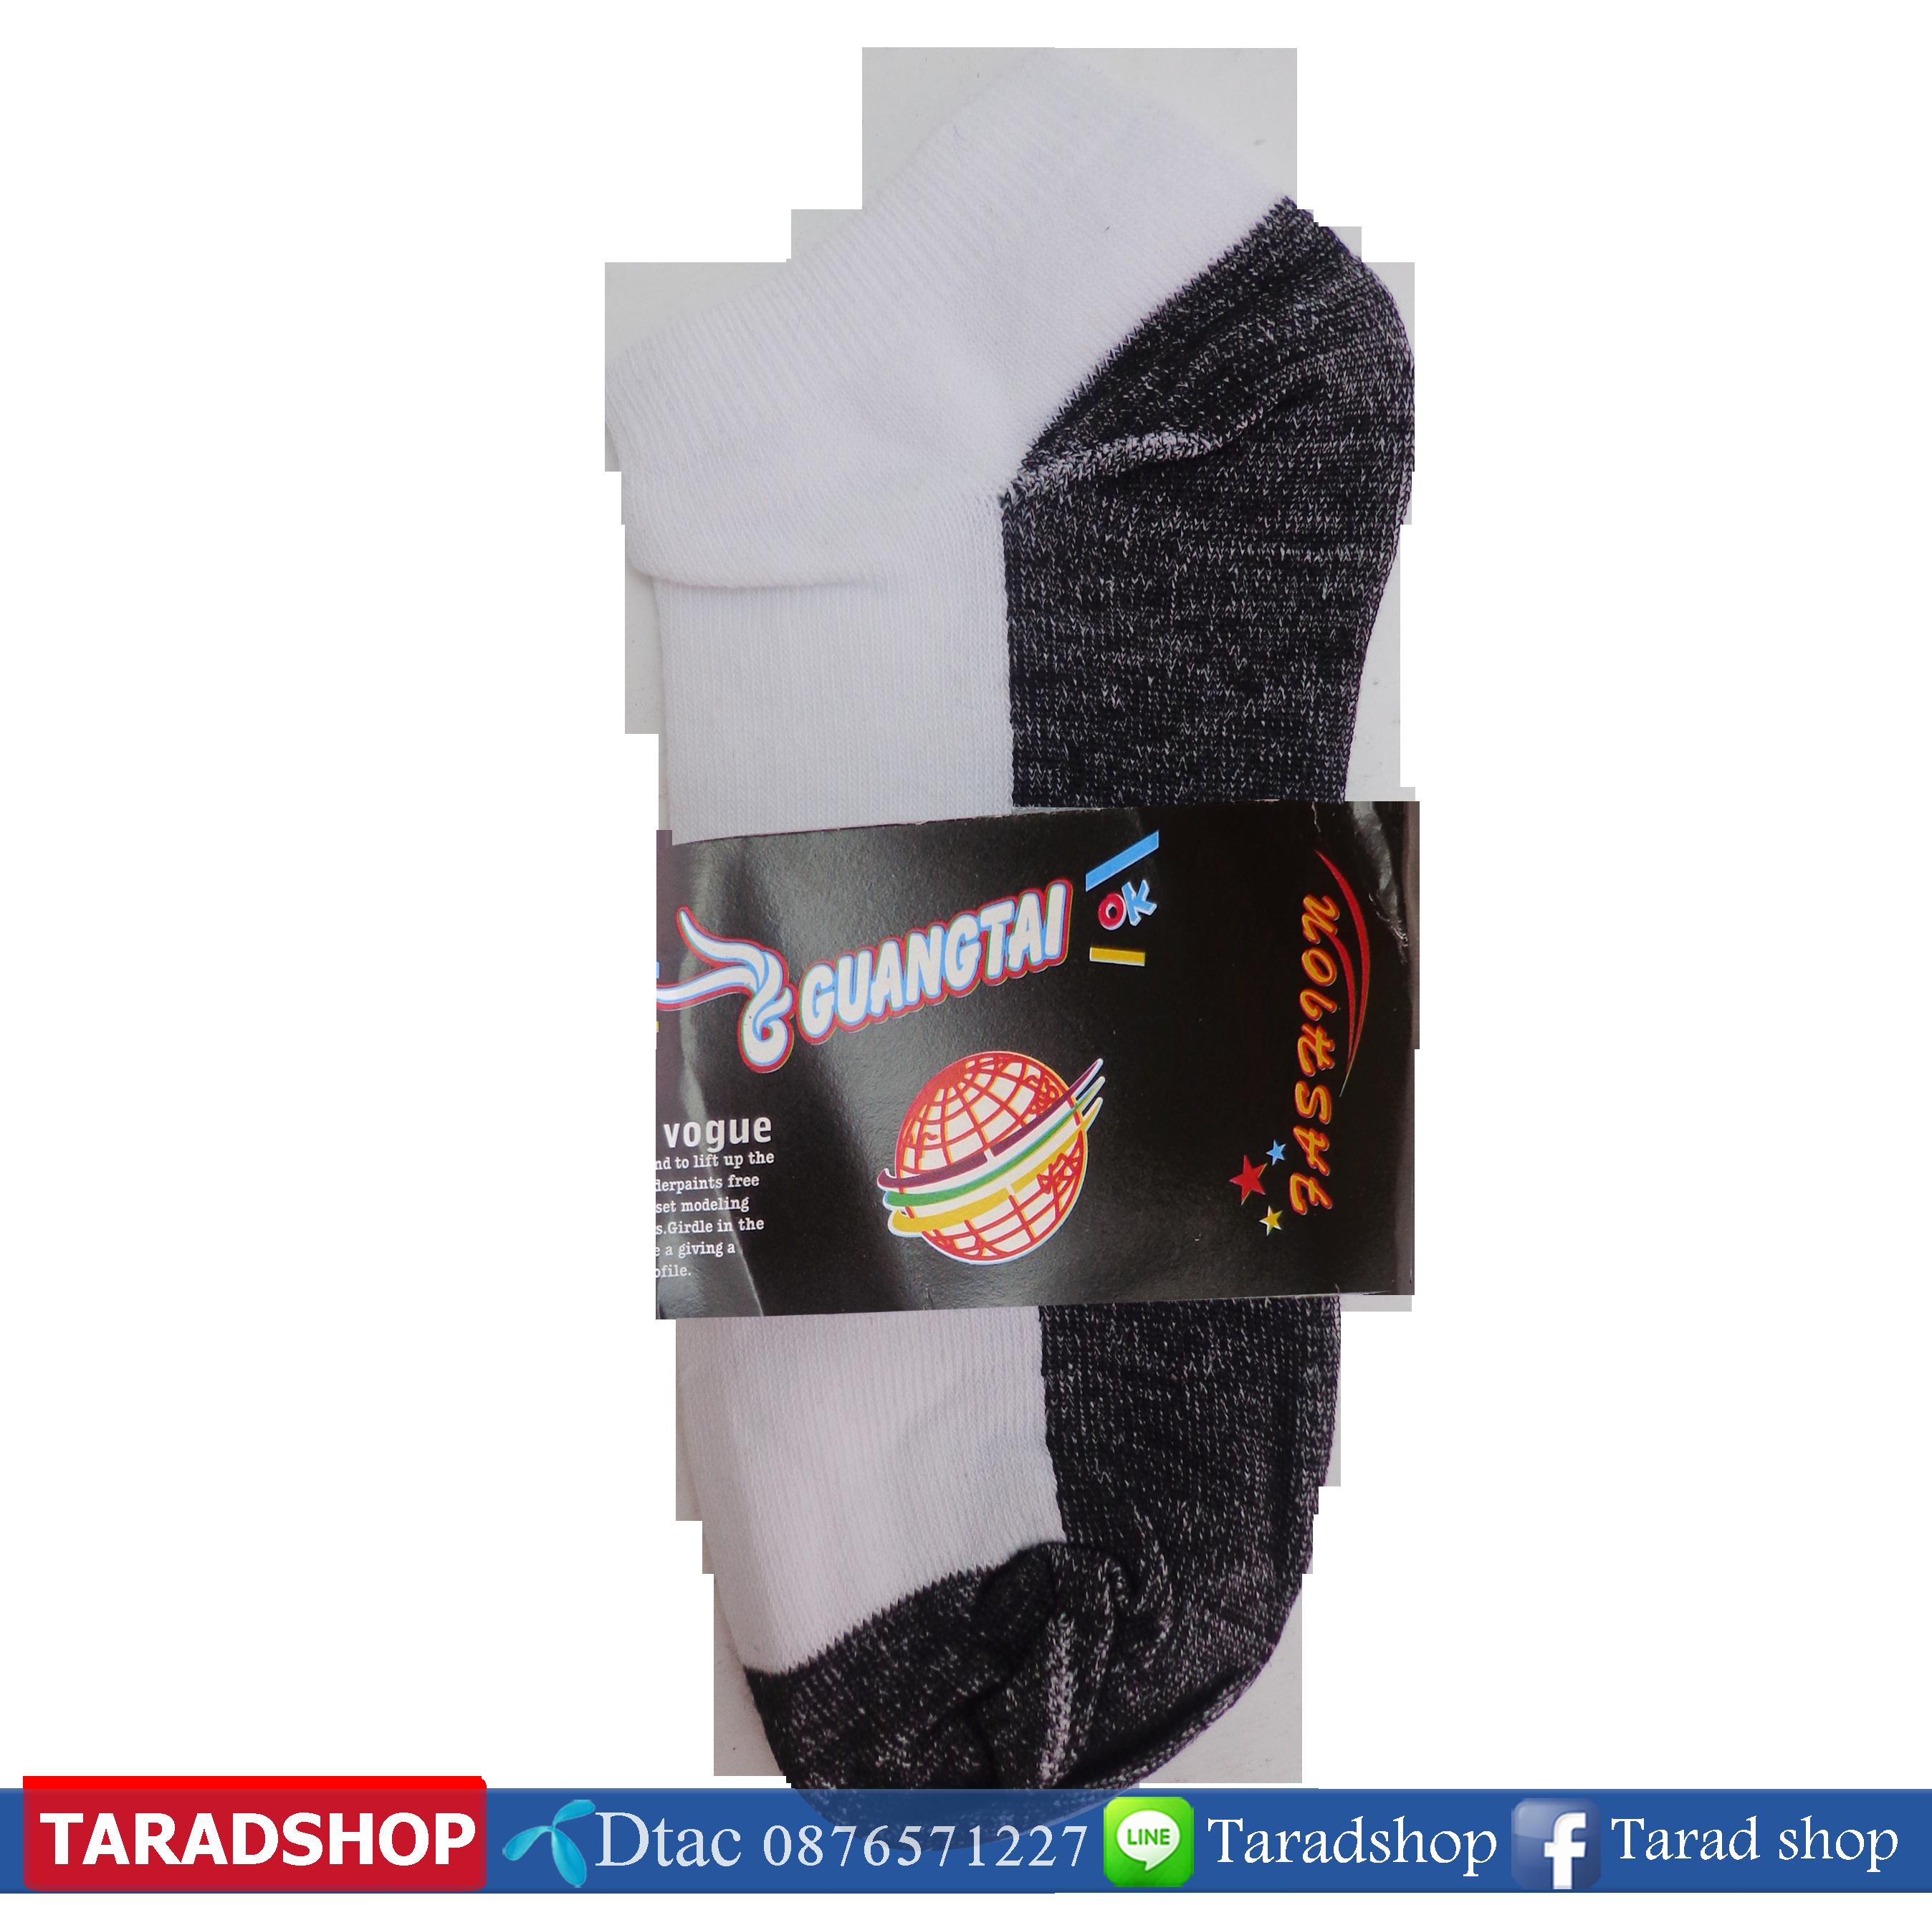 ถุงเท้าแฟชั่น Guangtai ( ชนิดแพ็ค)